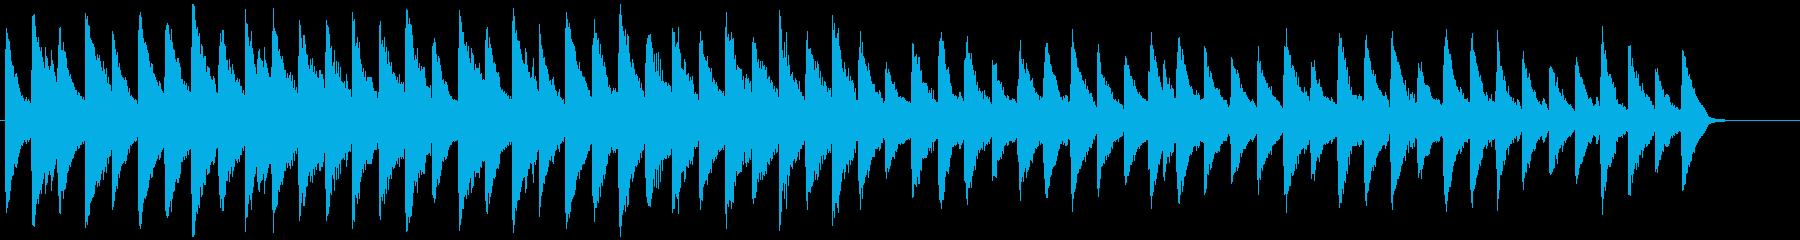 回想、戸惑い、振り返り、冷静、ピアノ曲の再生済みの波形